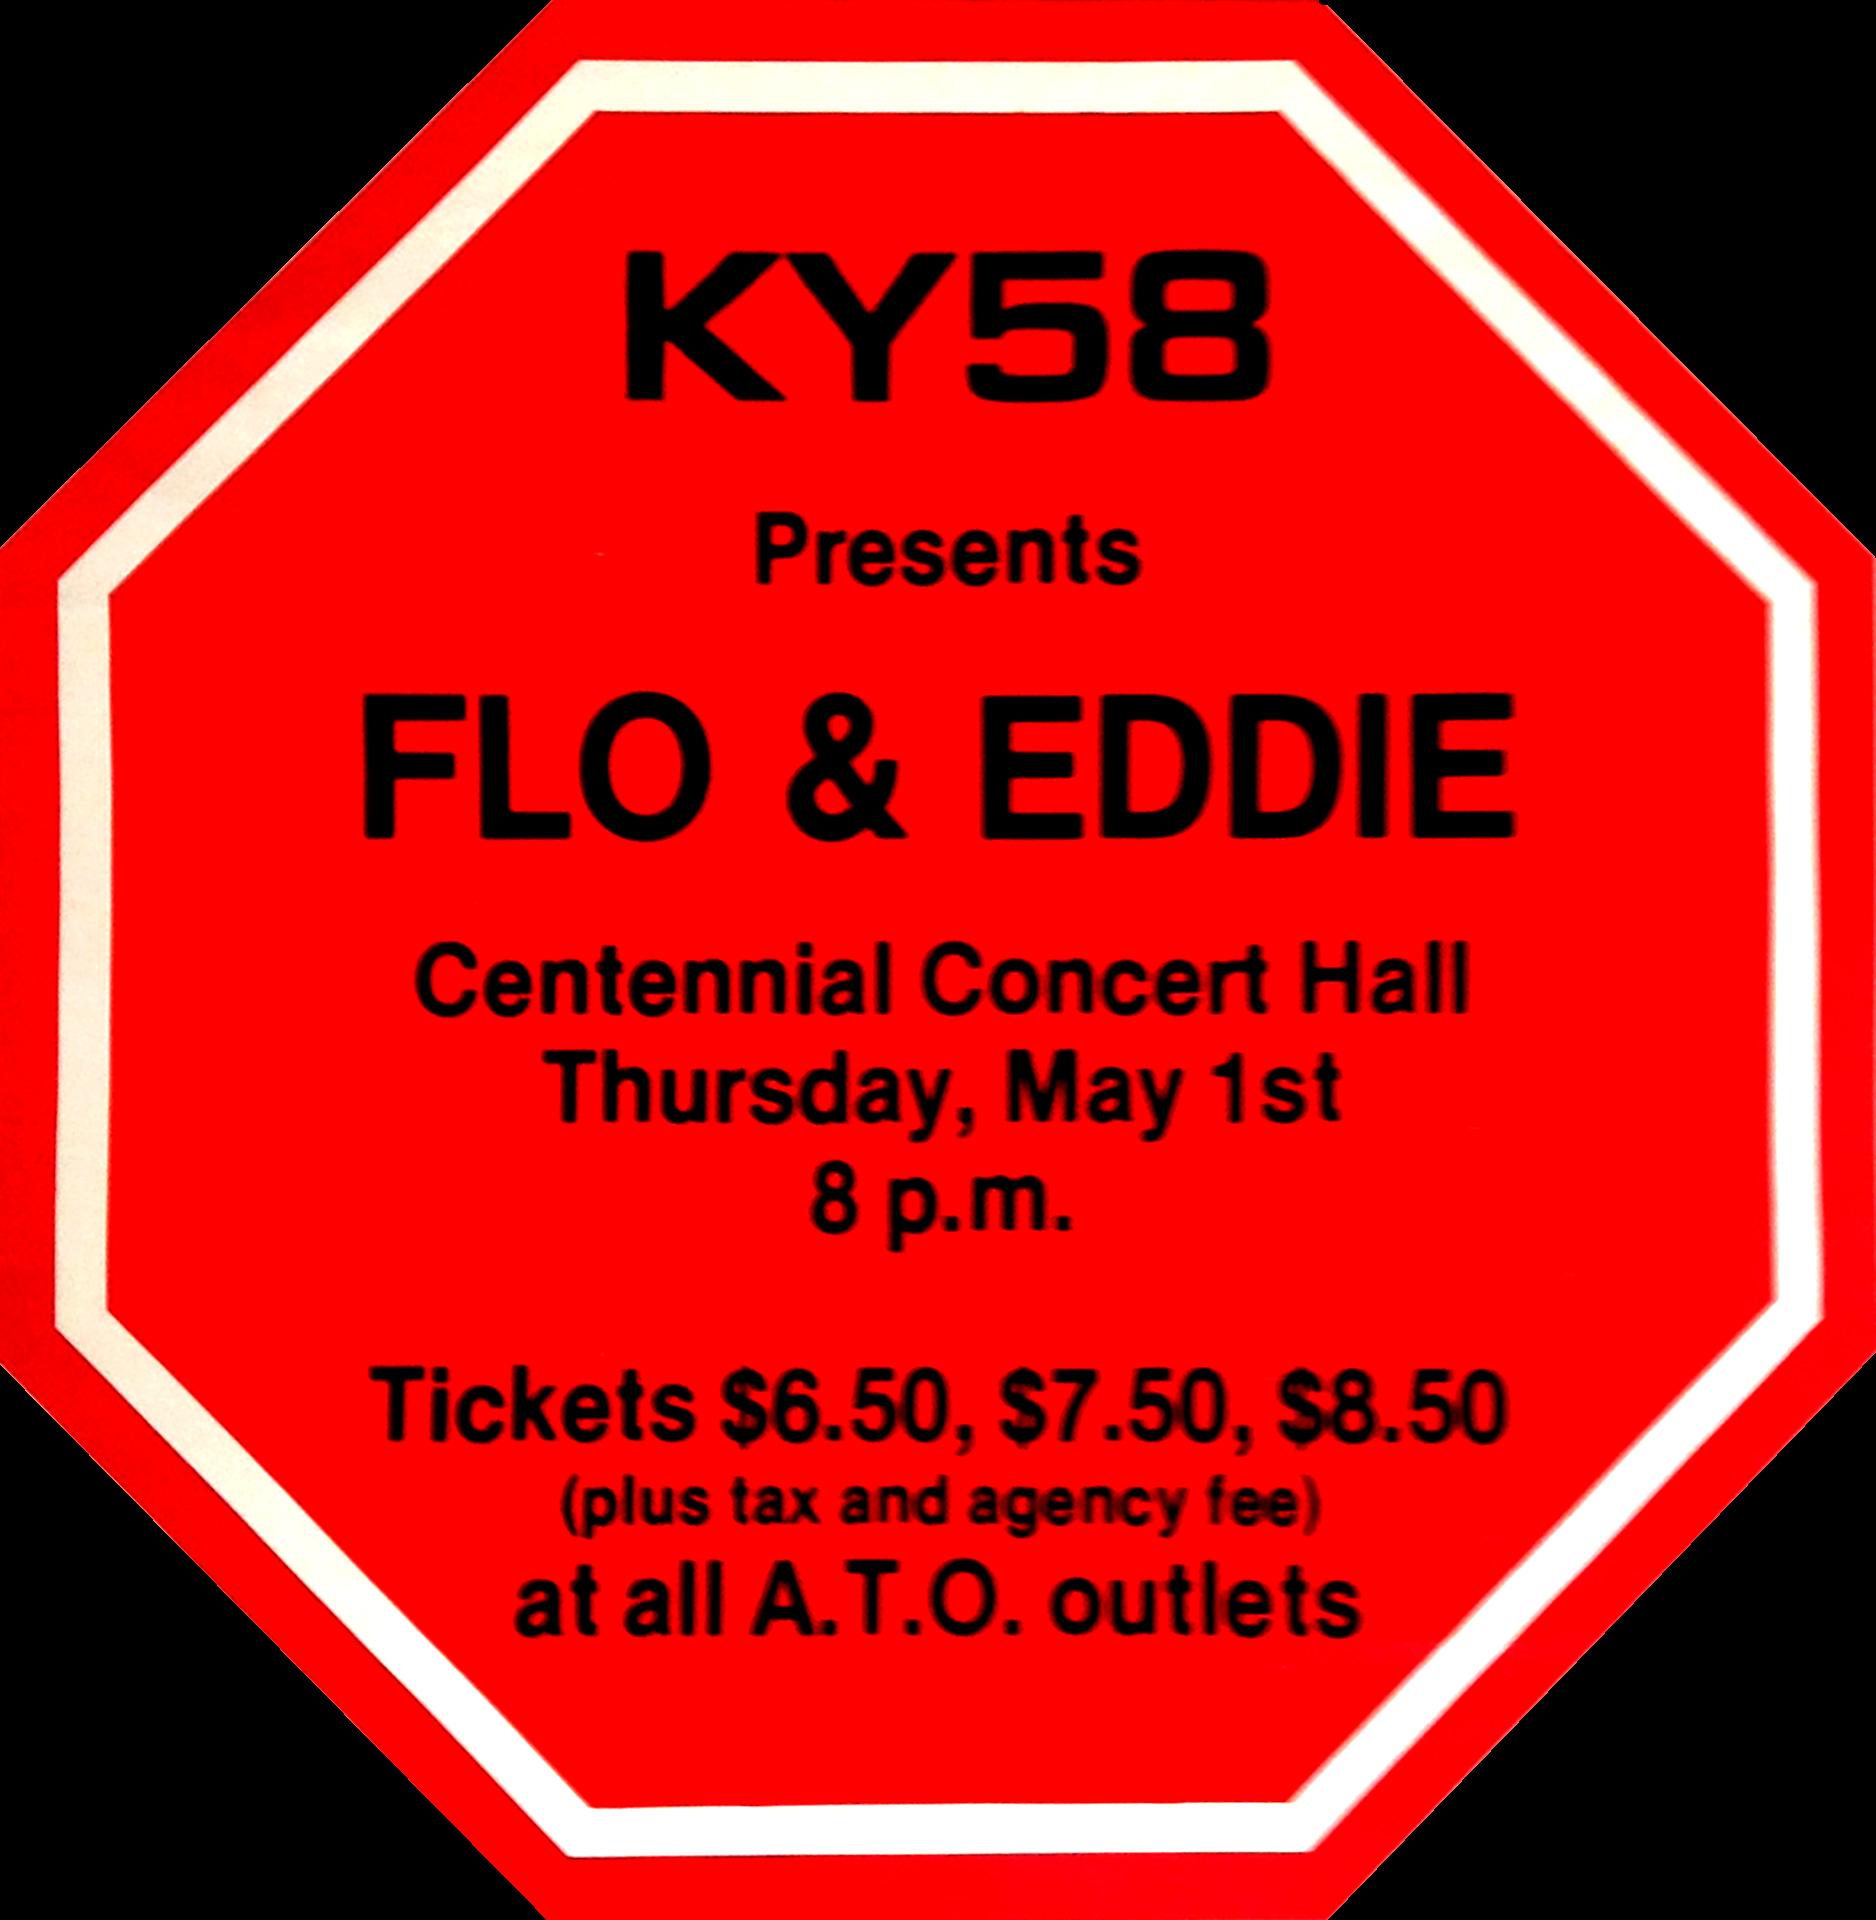 FLO & EDDIE – 1980